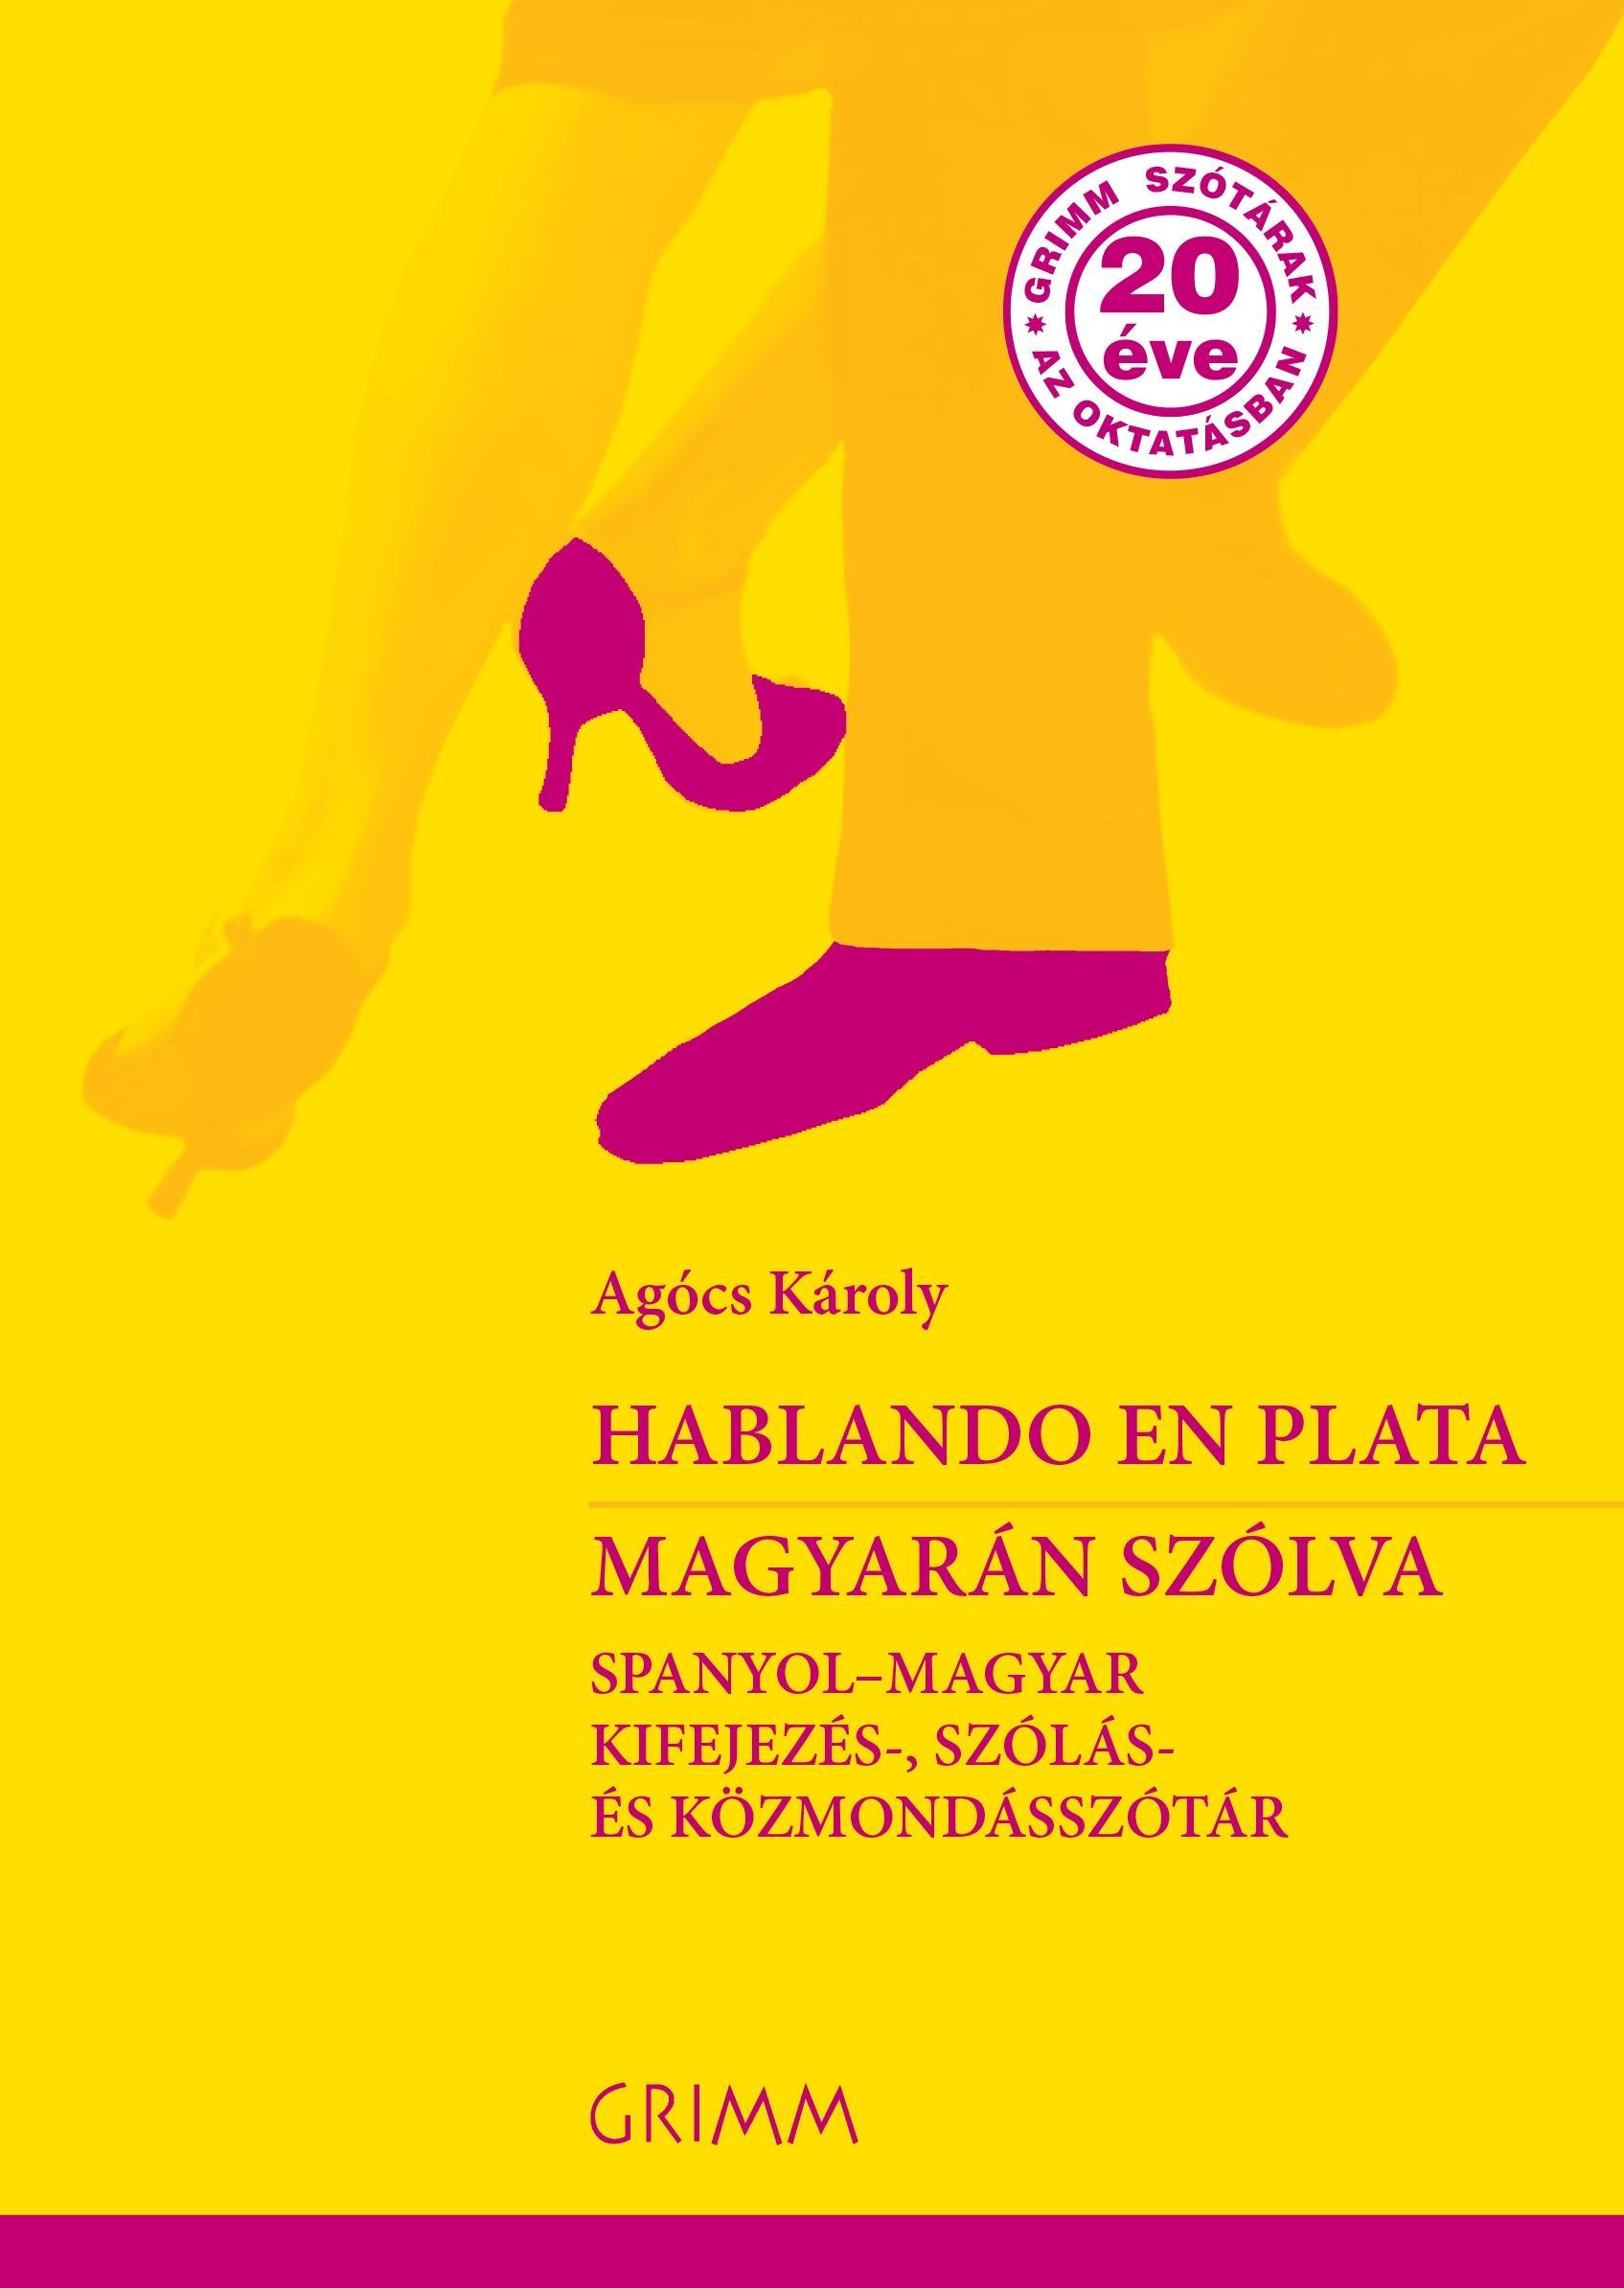 HABLANDO EN PLATA - MAGYARÁN SZÓLVA -SPANYOL-MAGYAR KIFEJEZÉS-, SZÓLÁS- ÉS KÖZMO